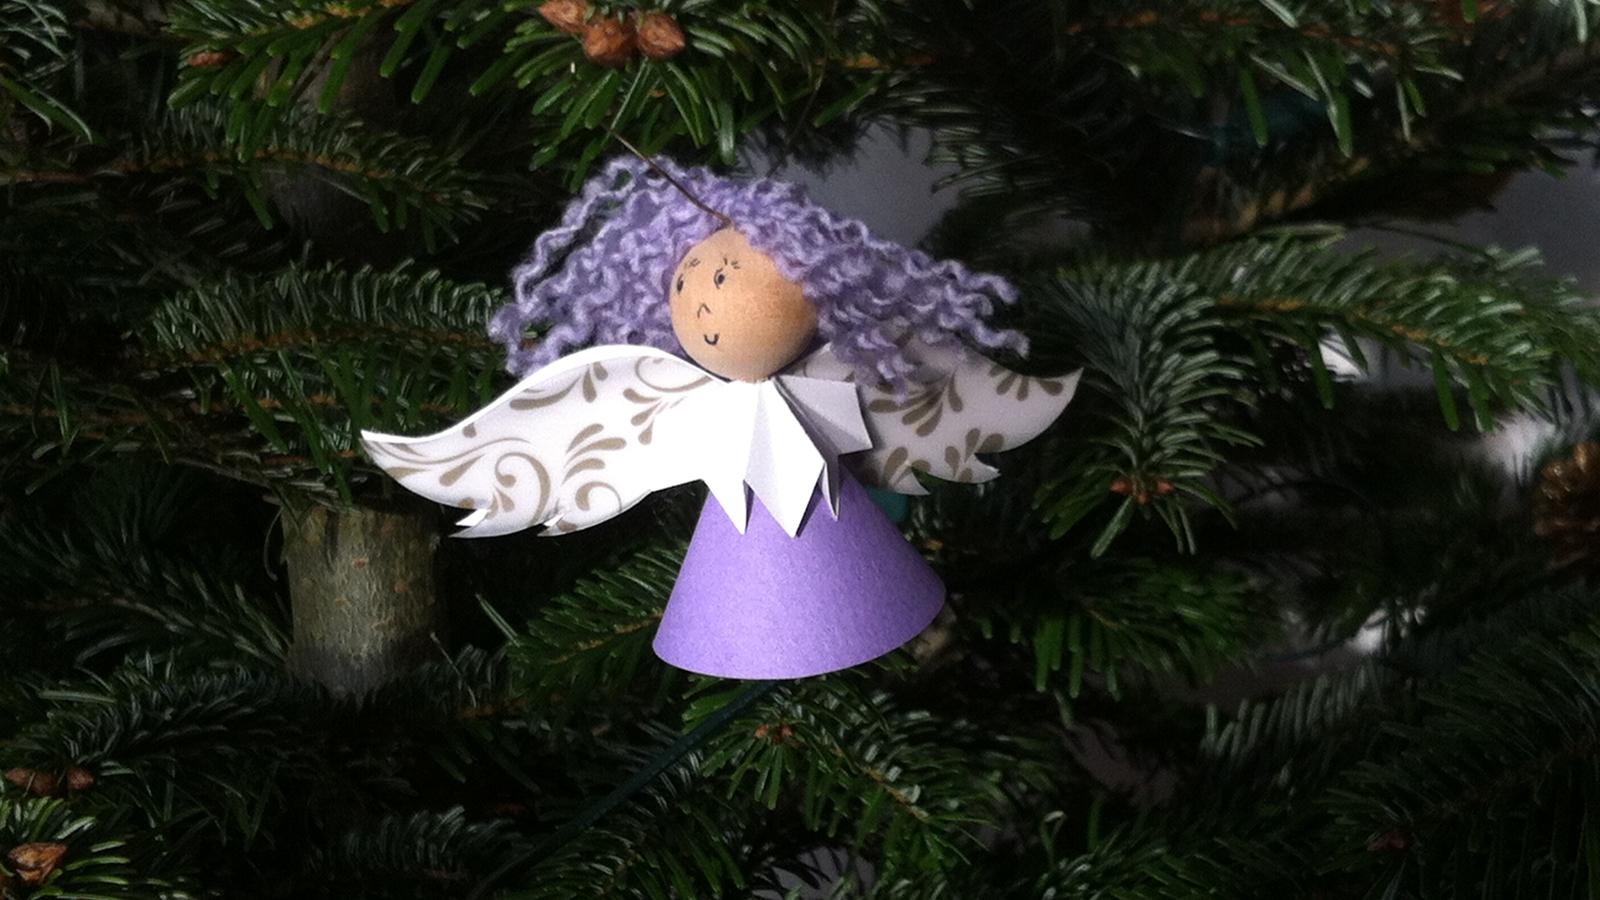 Bild eines Weihnachtsengels